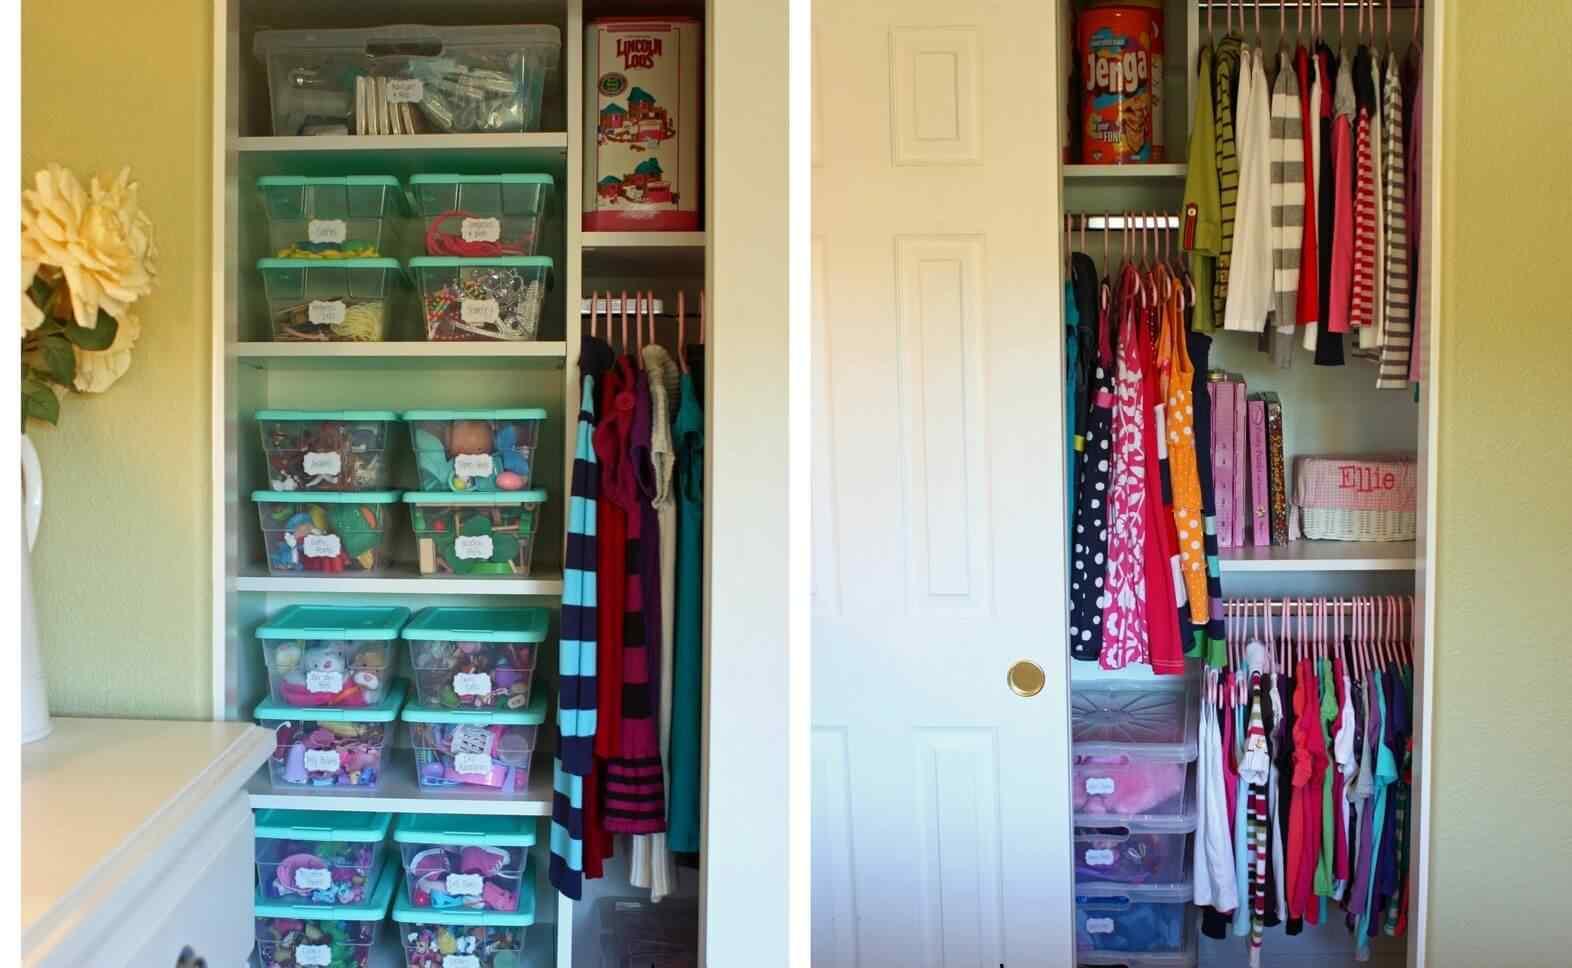 el's closet collageblogc